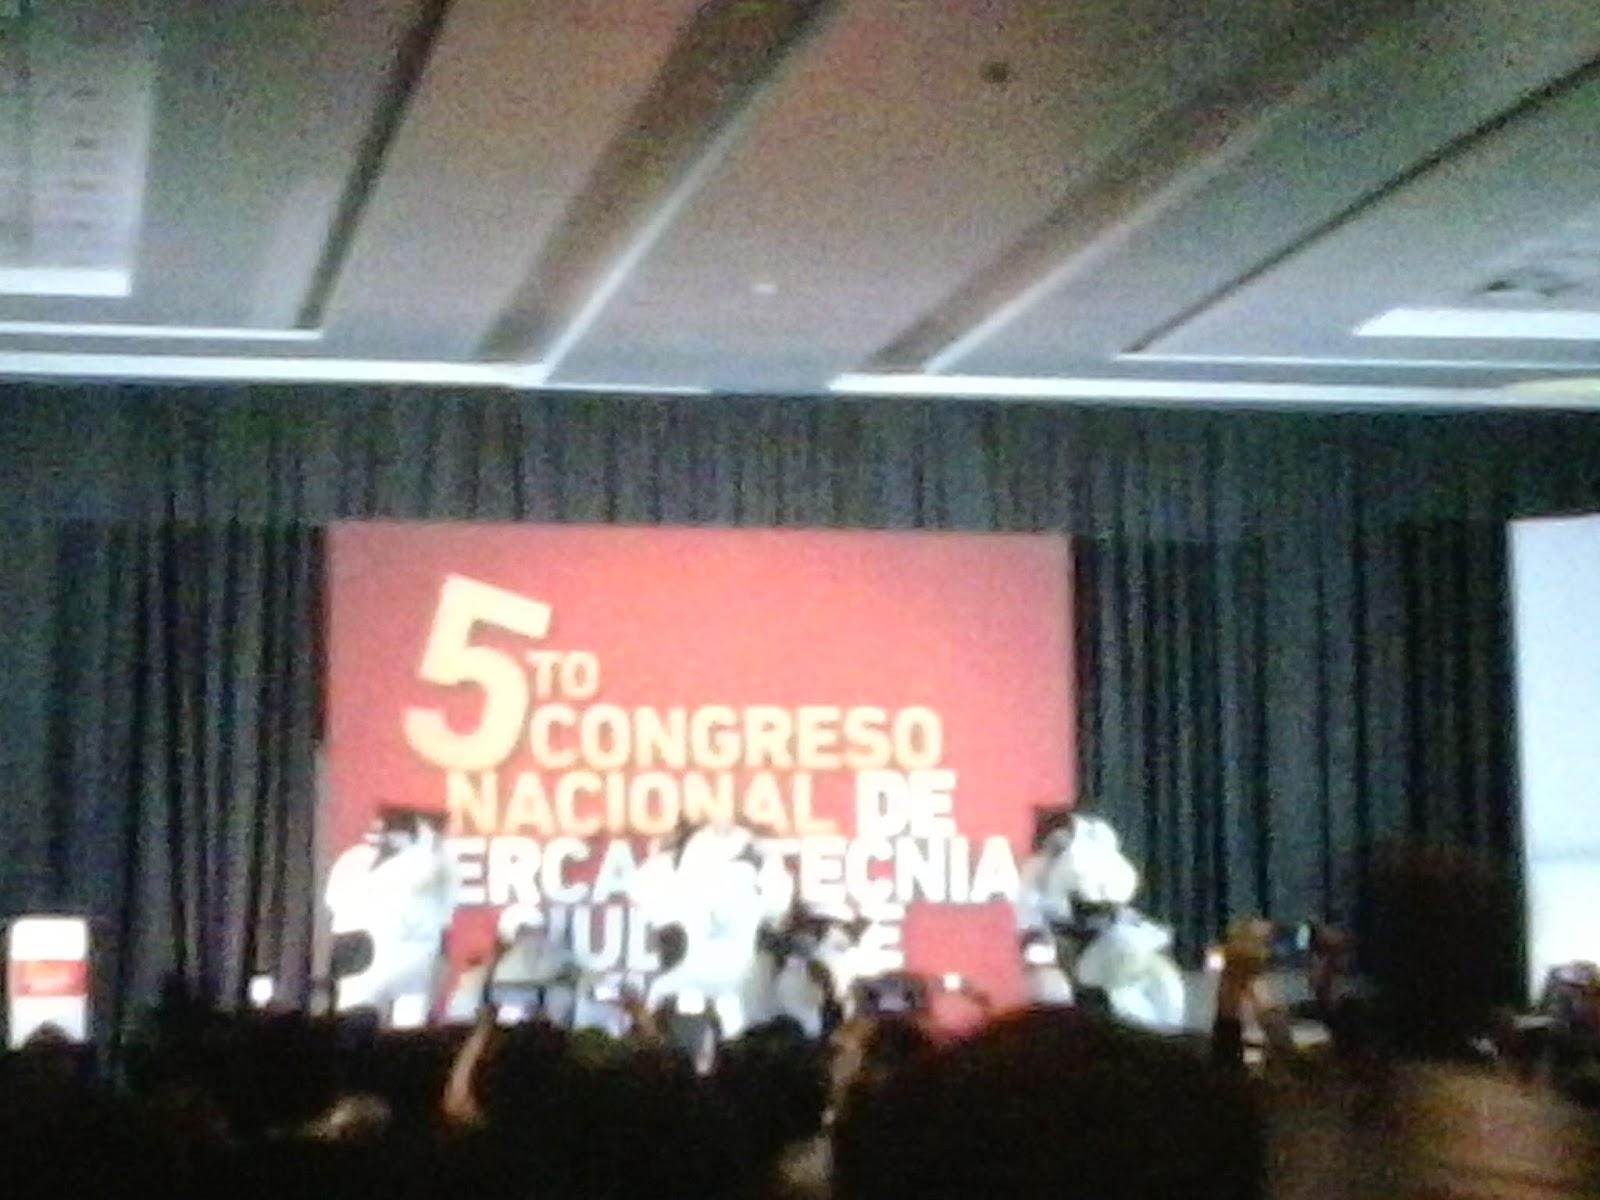 Congreso Nacional de Mercadotecnia 2014